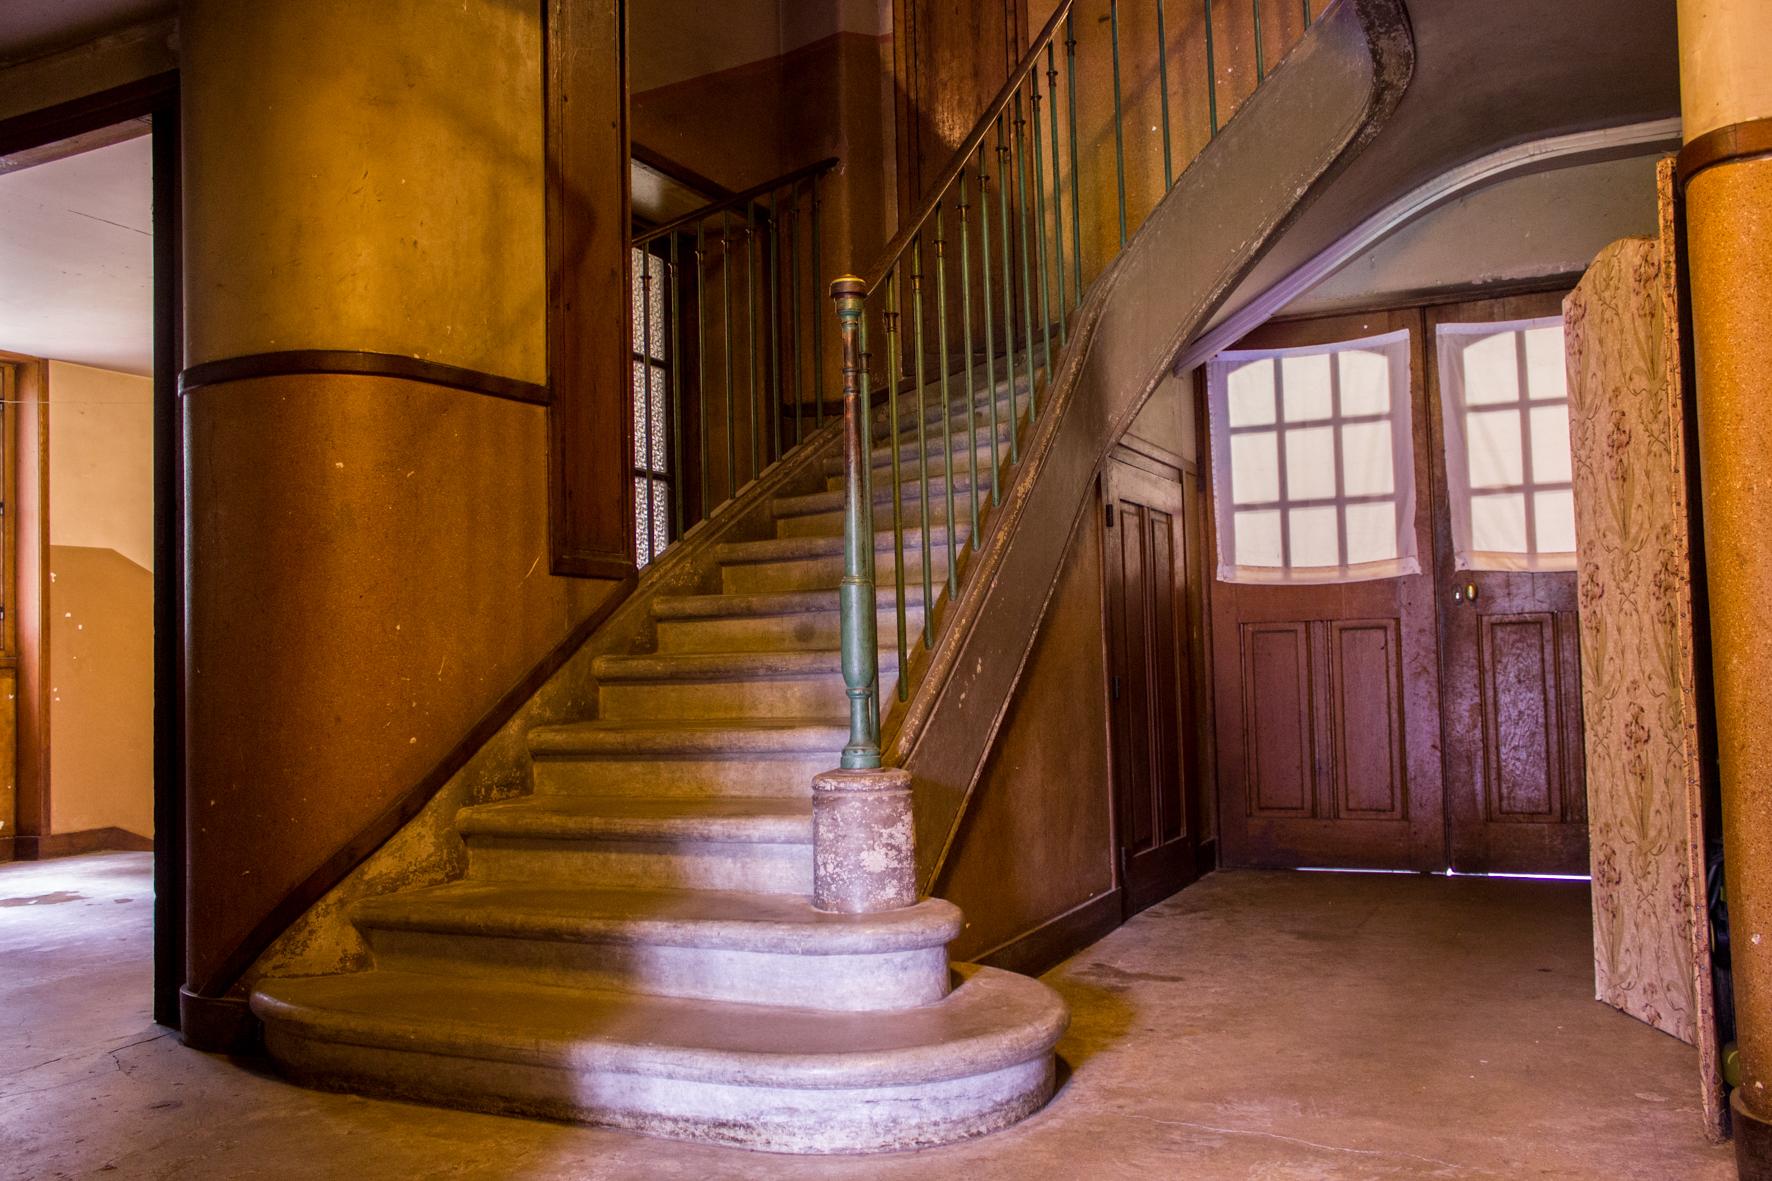 Escaliers Cinévaugien